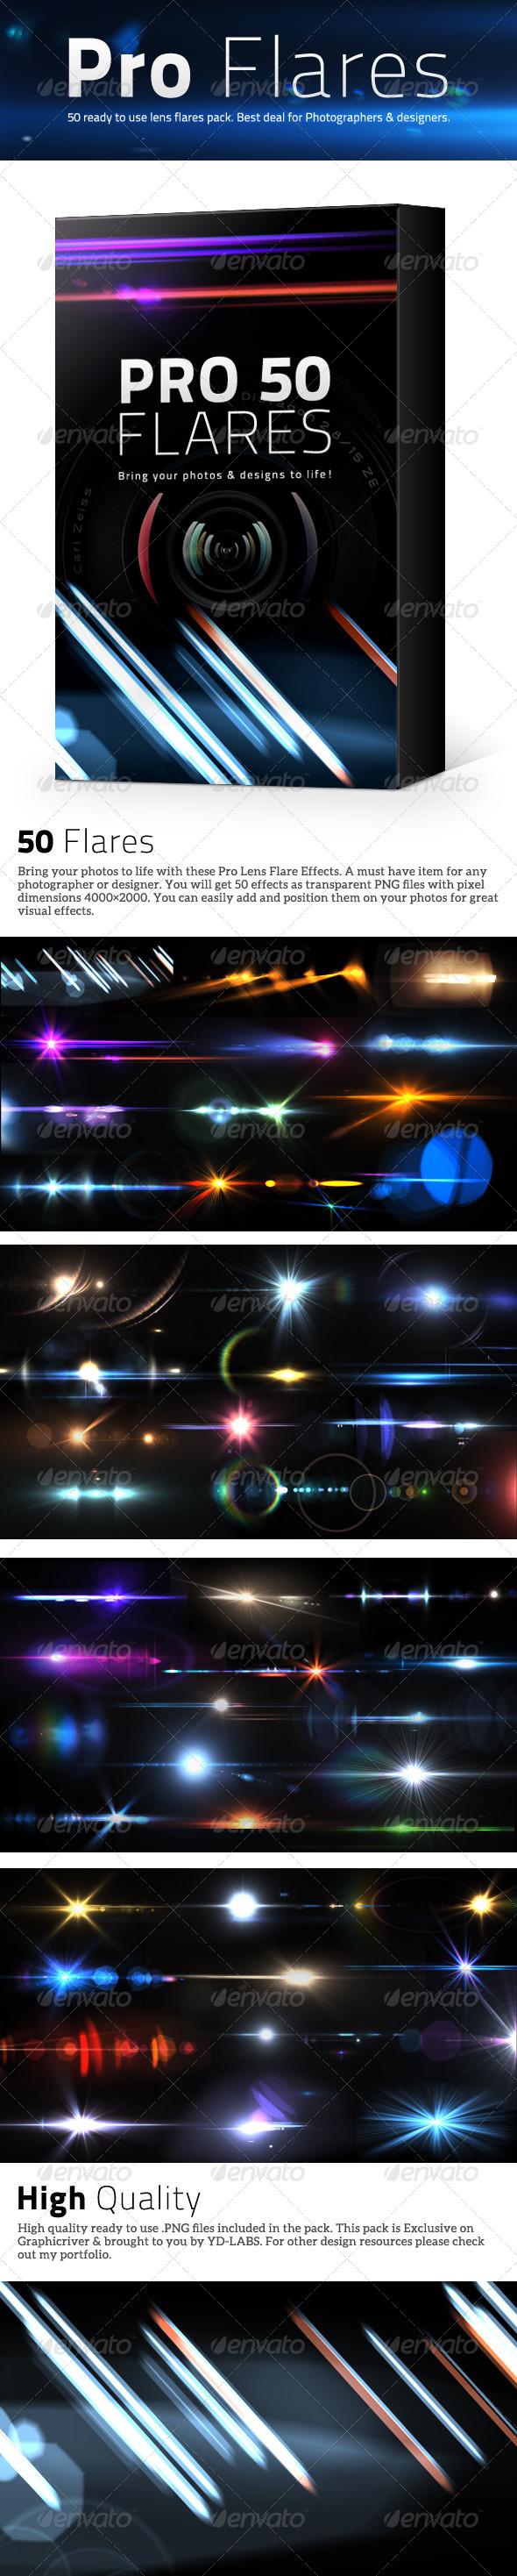 GraphicRiver 50 Pro Lens Flares Pack V1 5035049